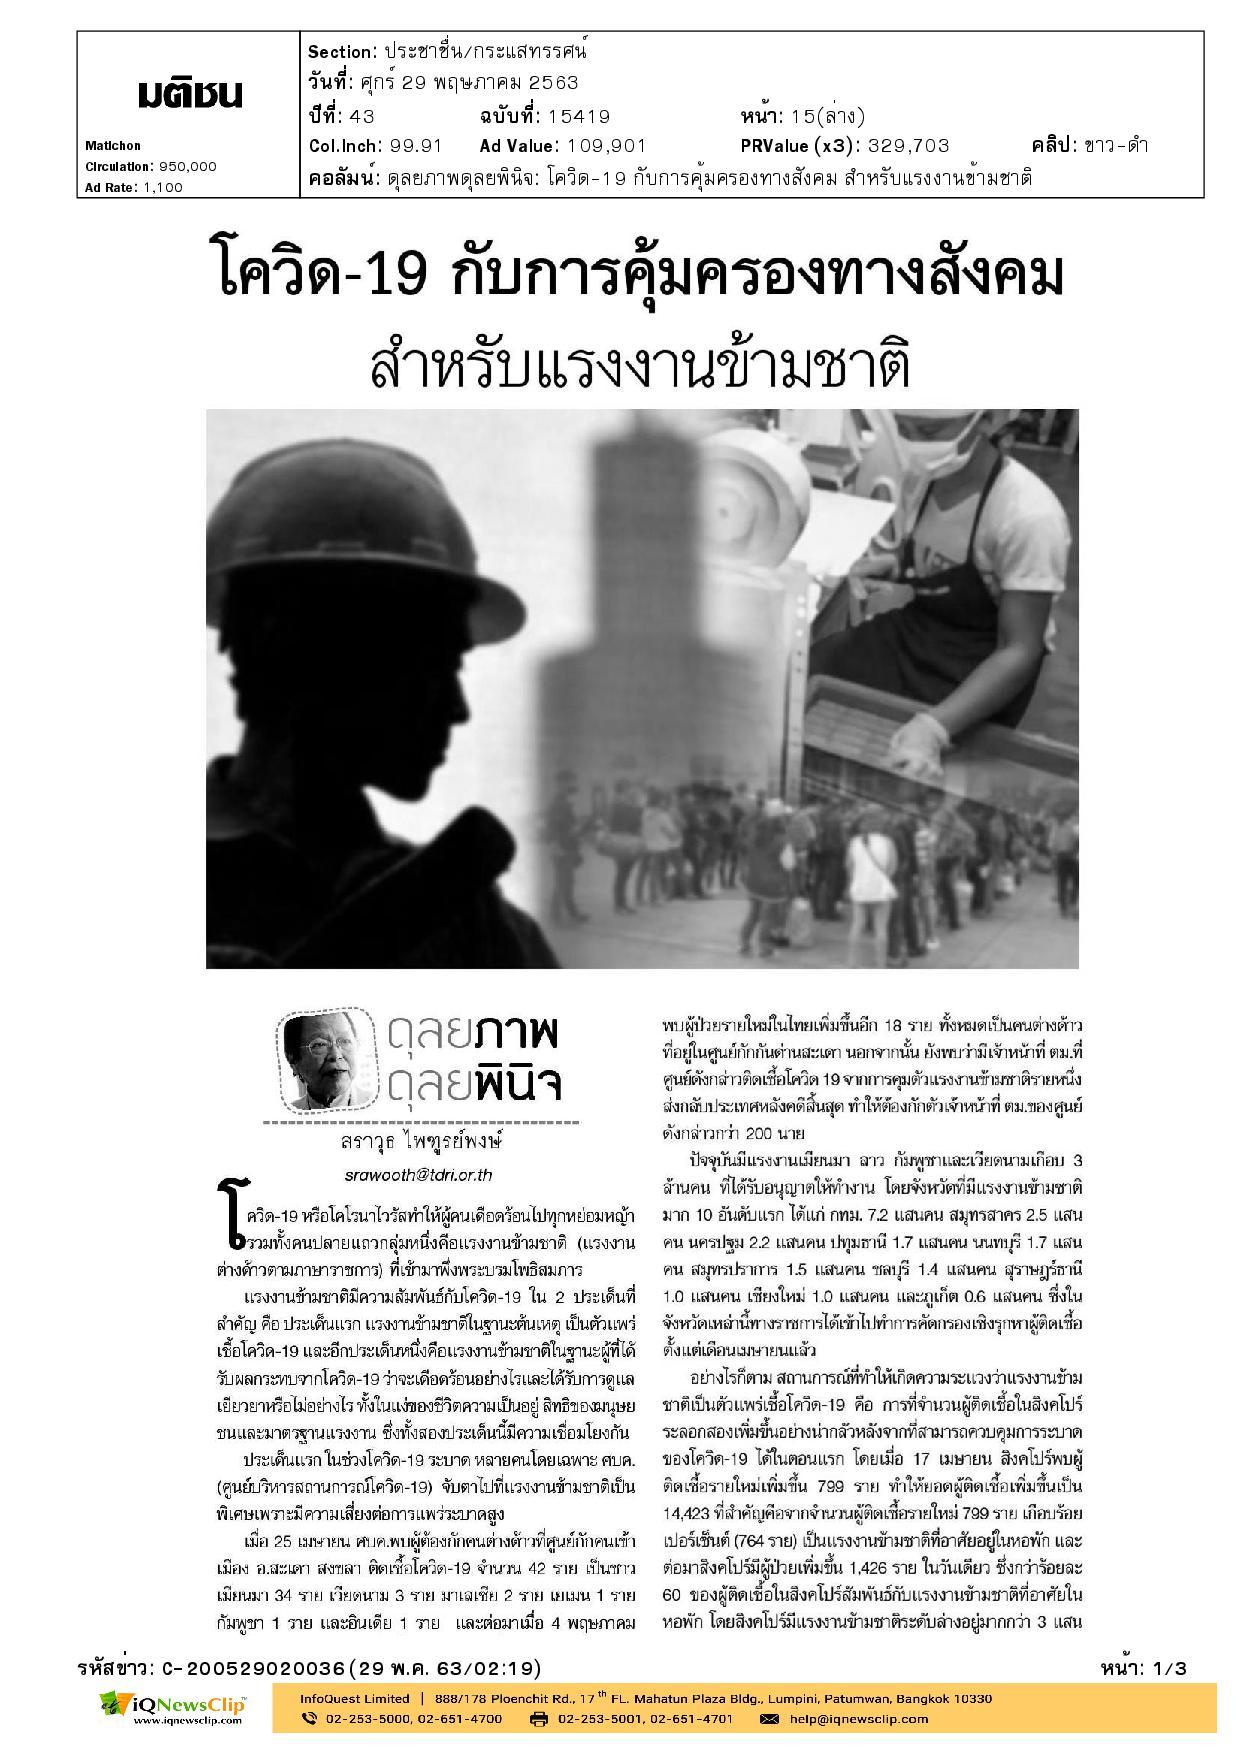 โควิด-19 กับการคุ้มครองทางสังคม สำหรับแรงงานข้ามชาติ